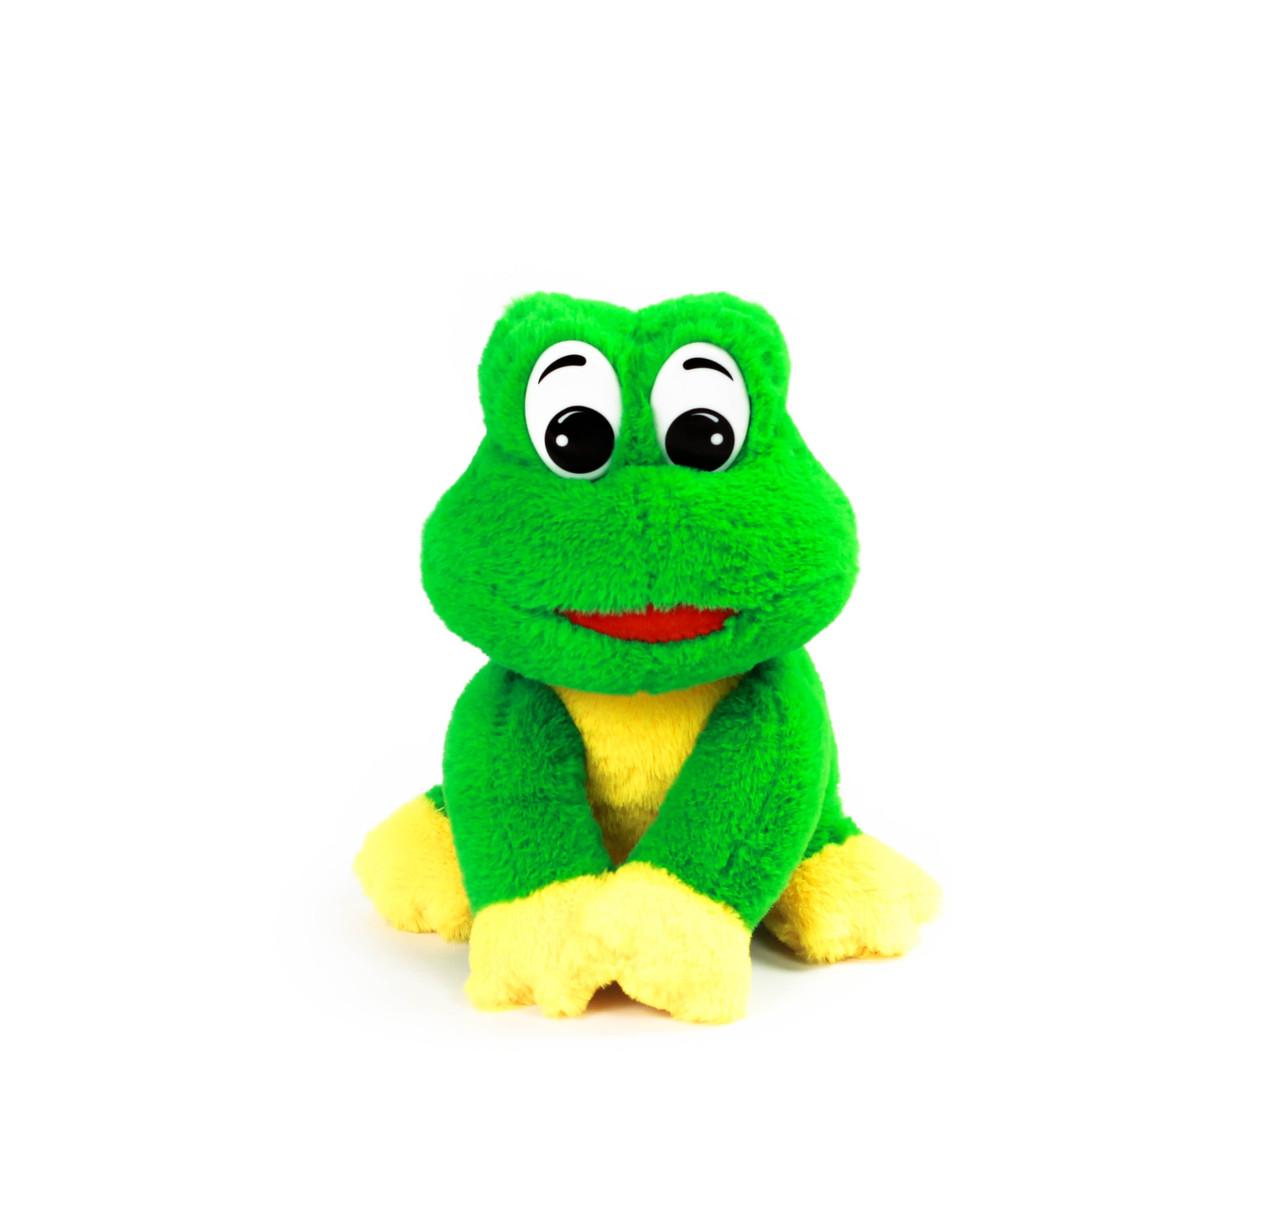 М'яка іграшка Жаба